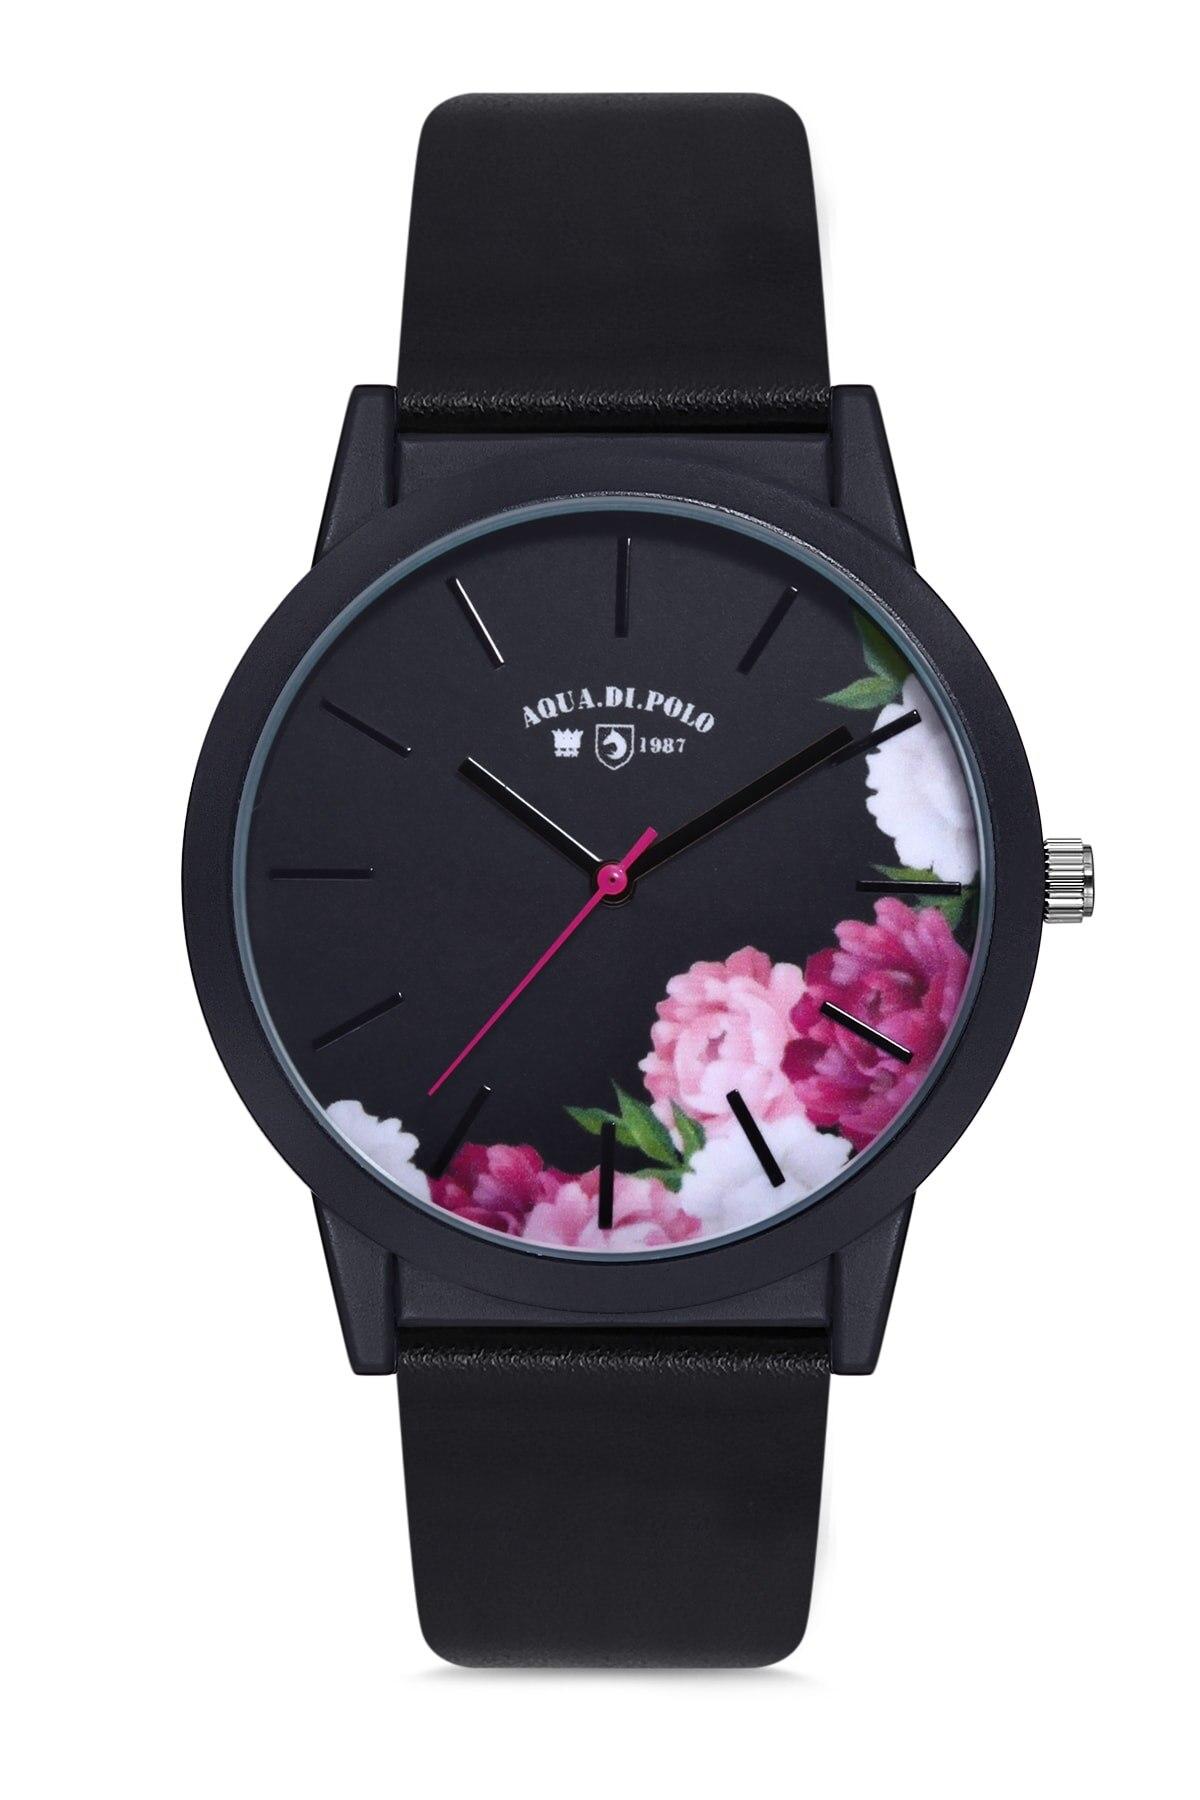 Reloj de pulsera Unisex para mujer, reloj de pulsera original, color Negro, Rosa y dorado, APL12C195H02